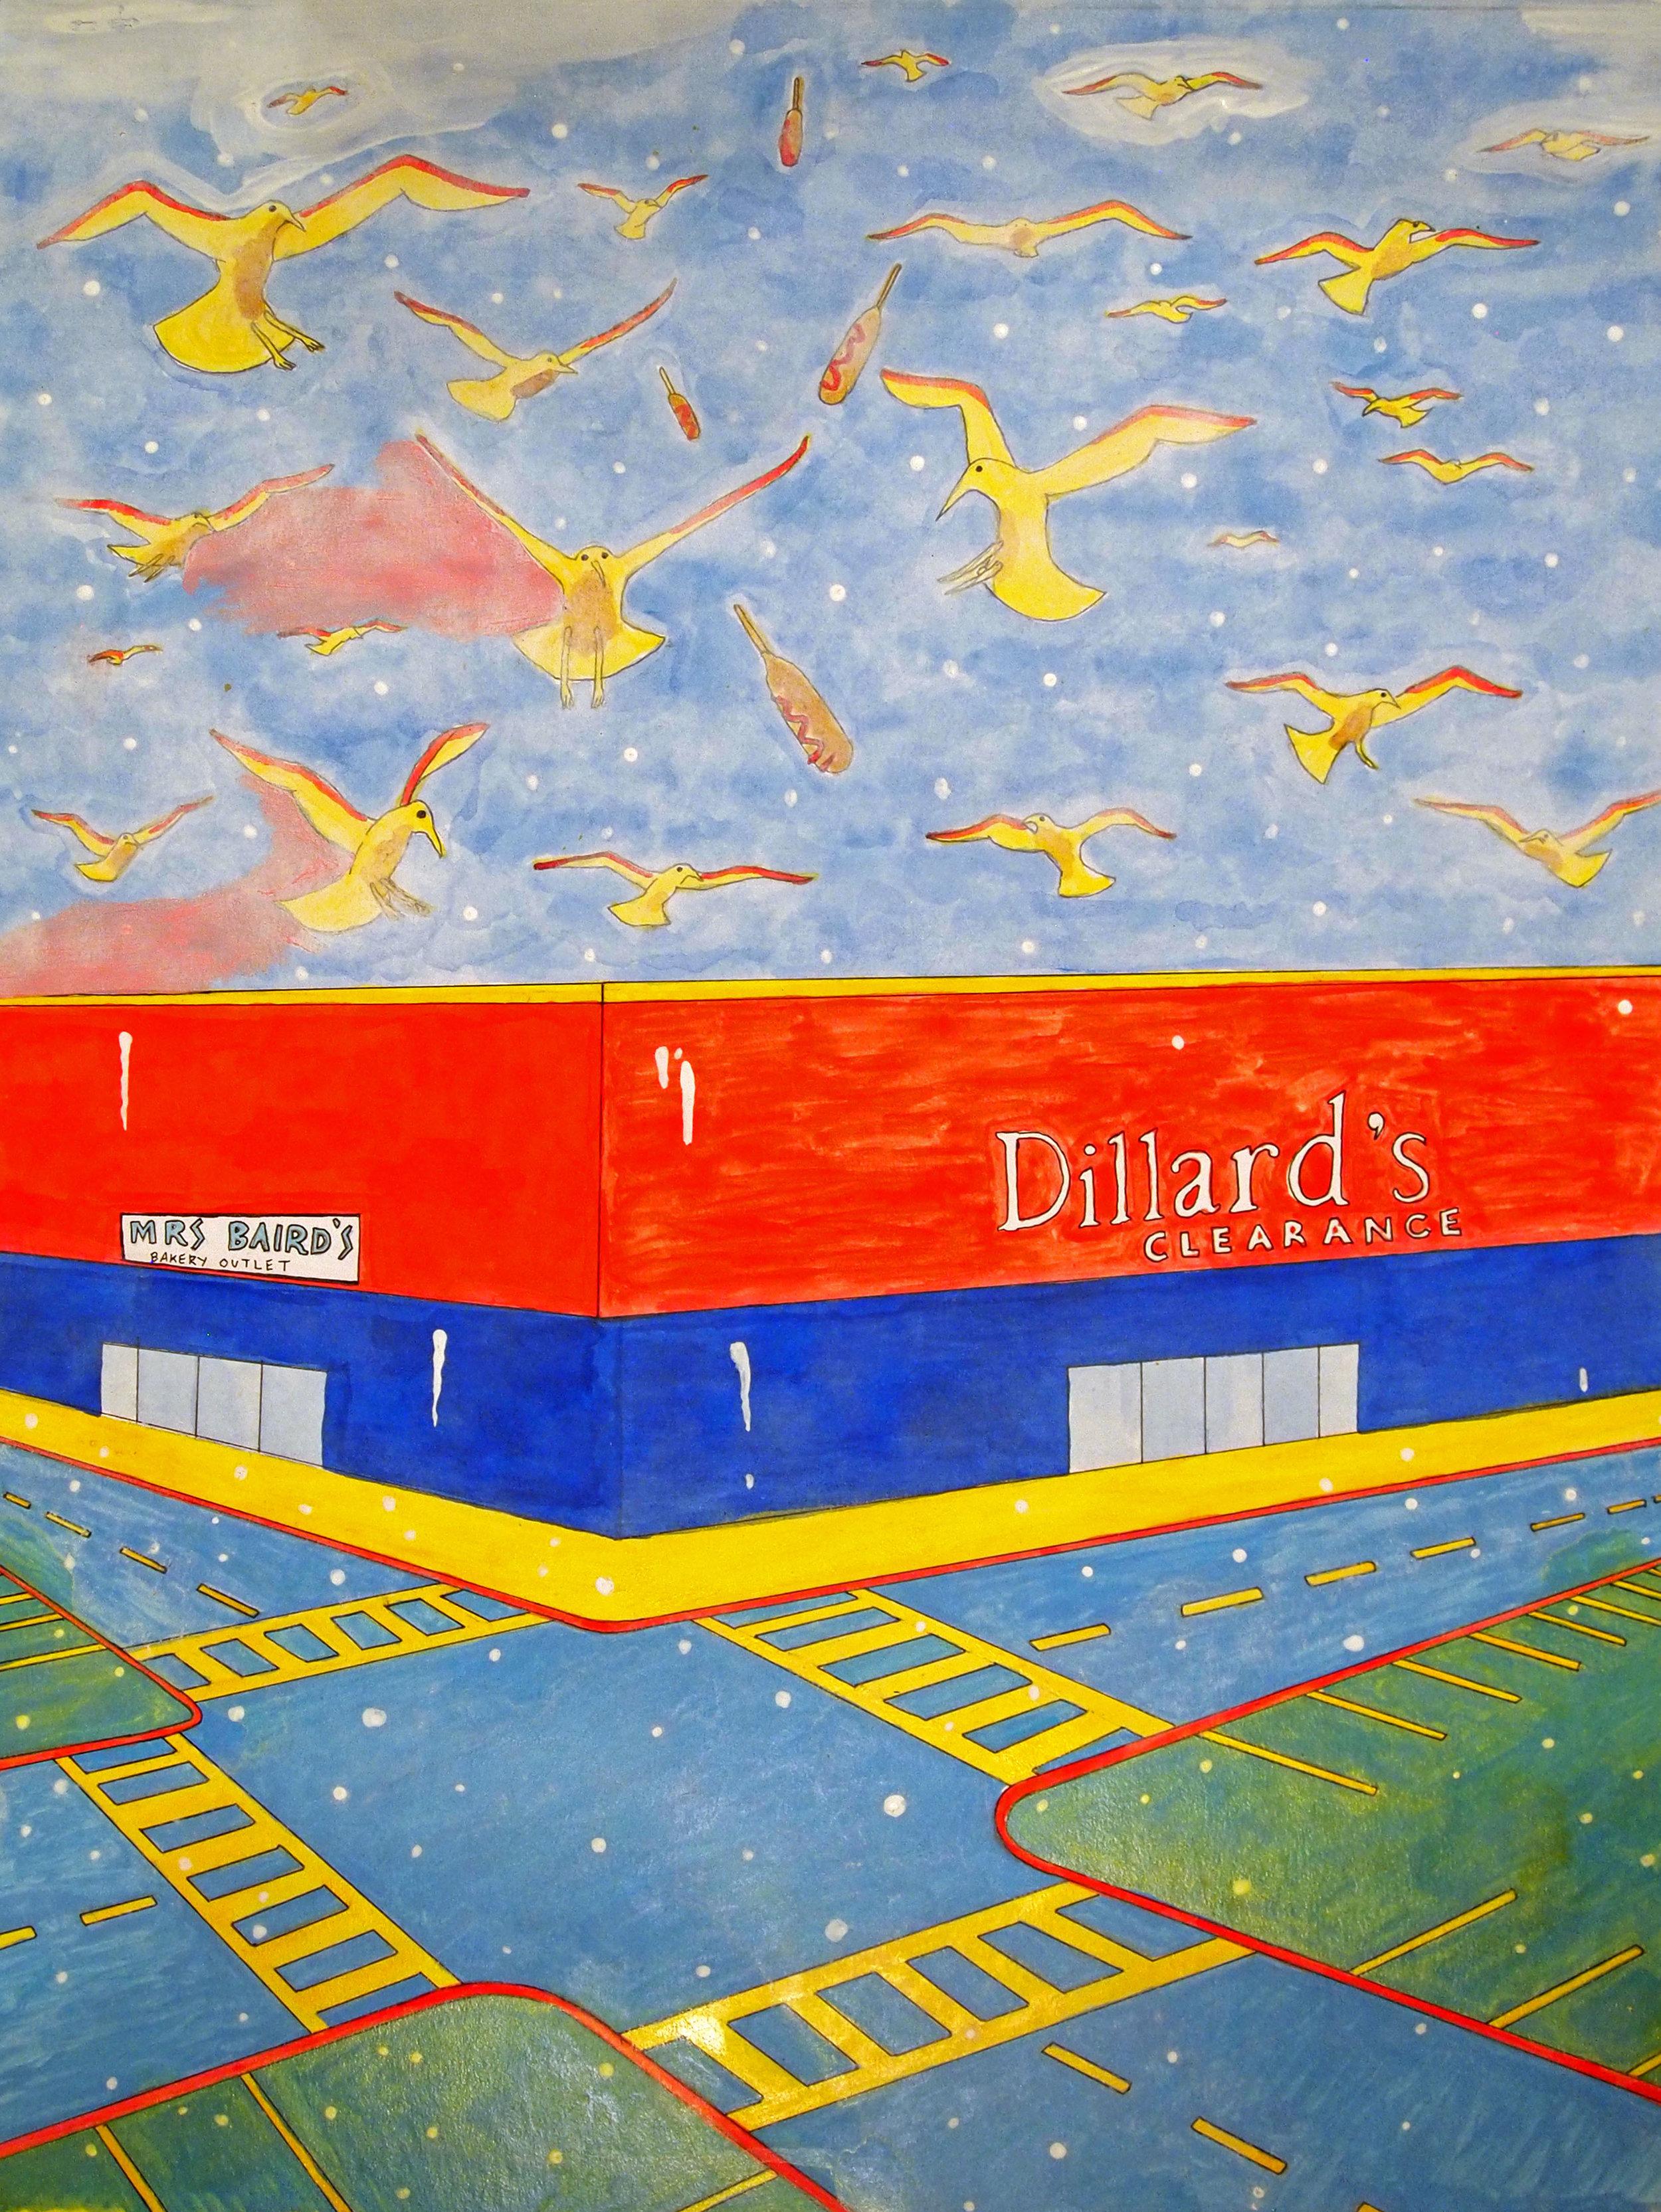 Dillards-15.5x11.5.jpg